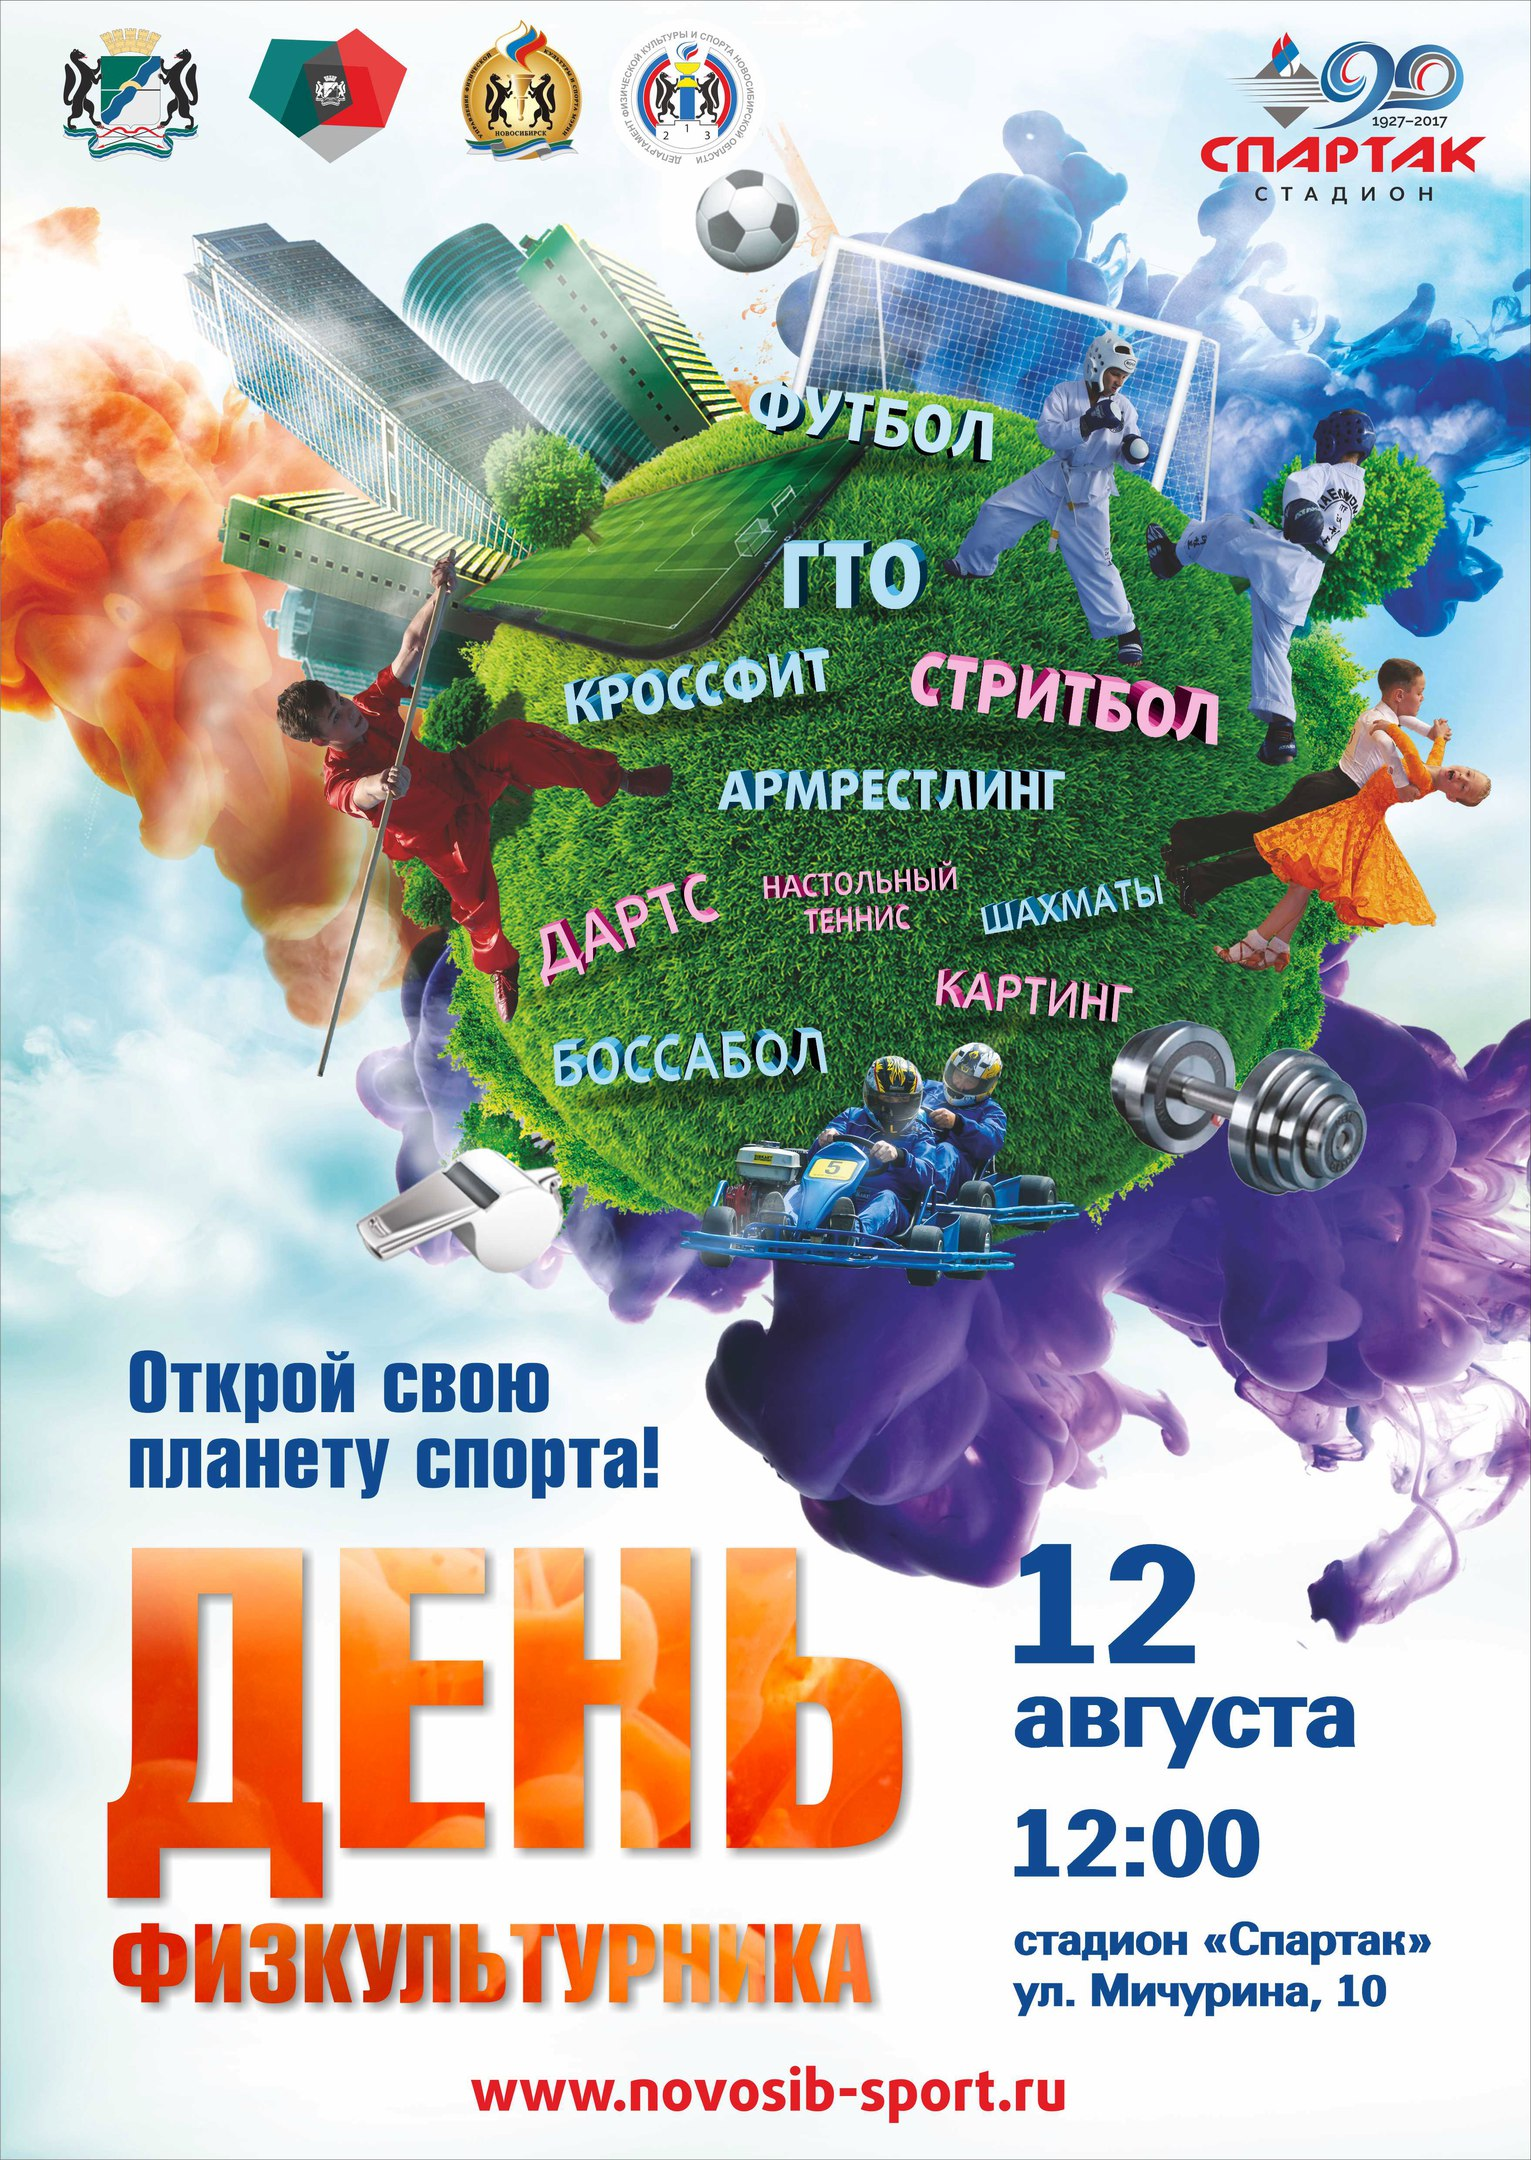 12 августа, в субботу, Новосибирск вместе со всей страной отметит День физкультурника